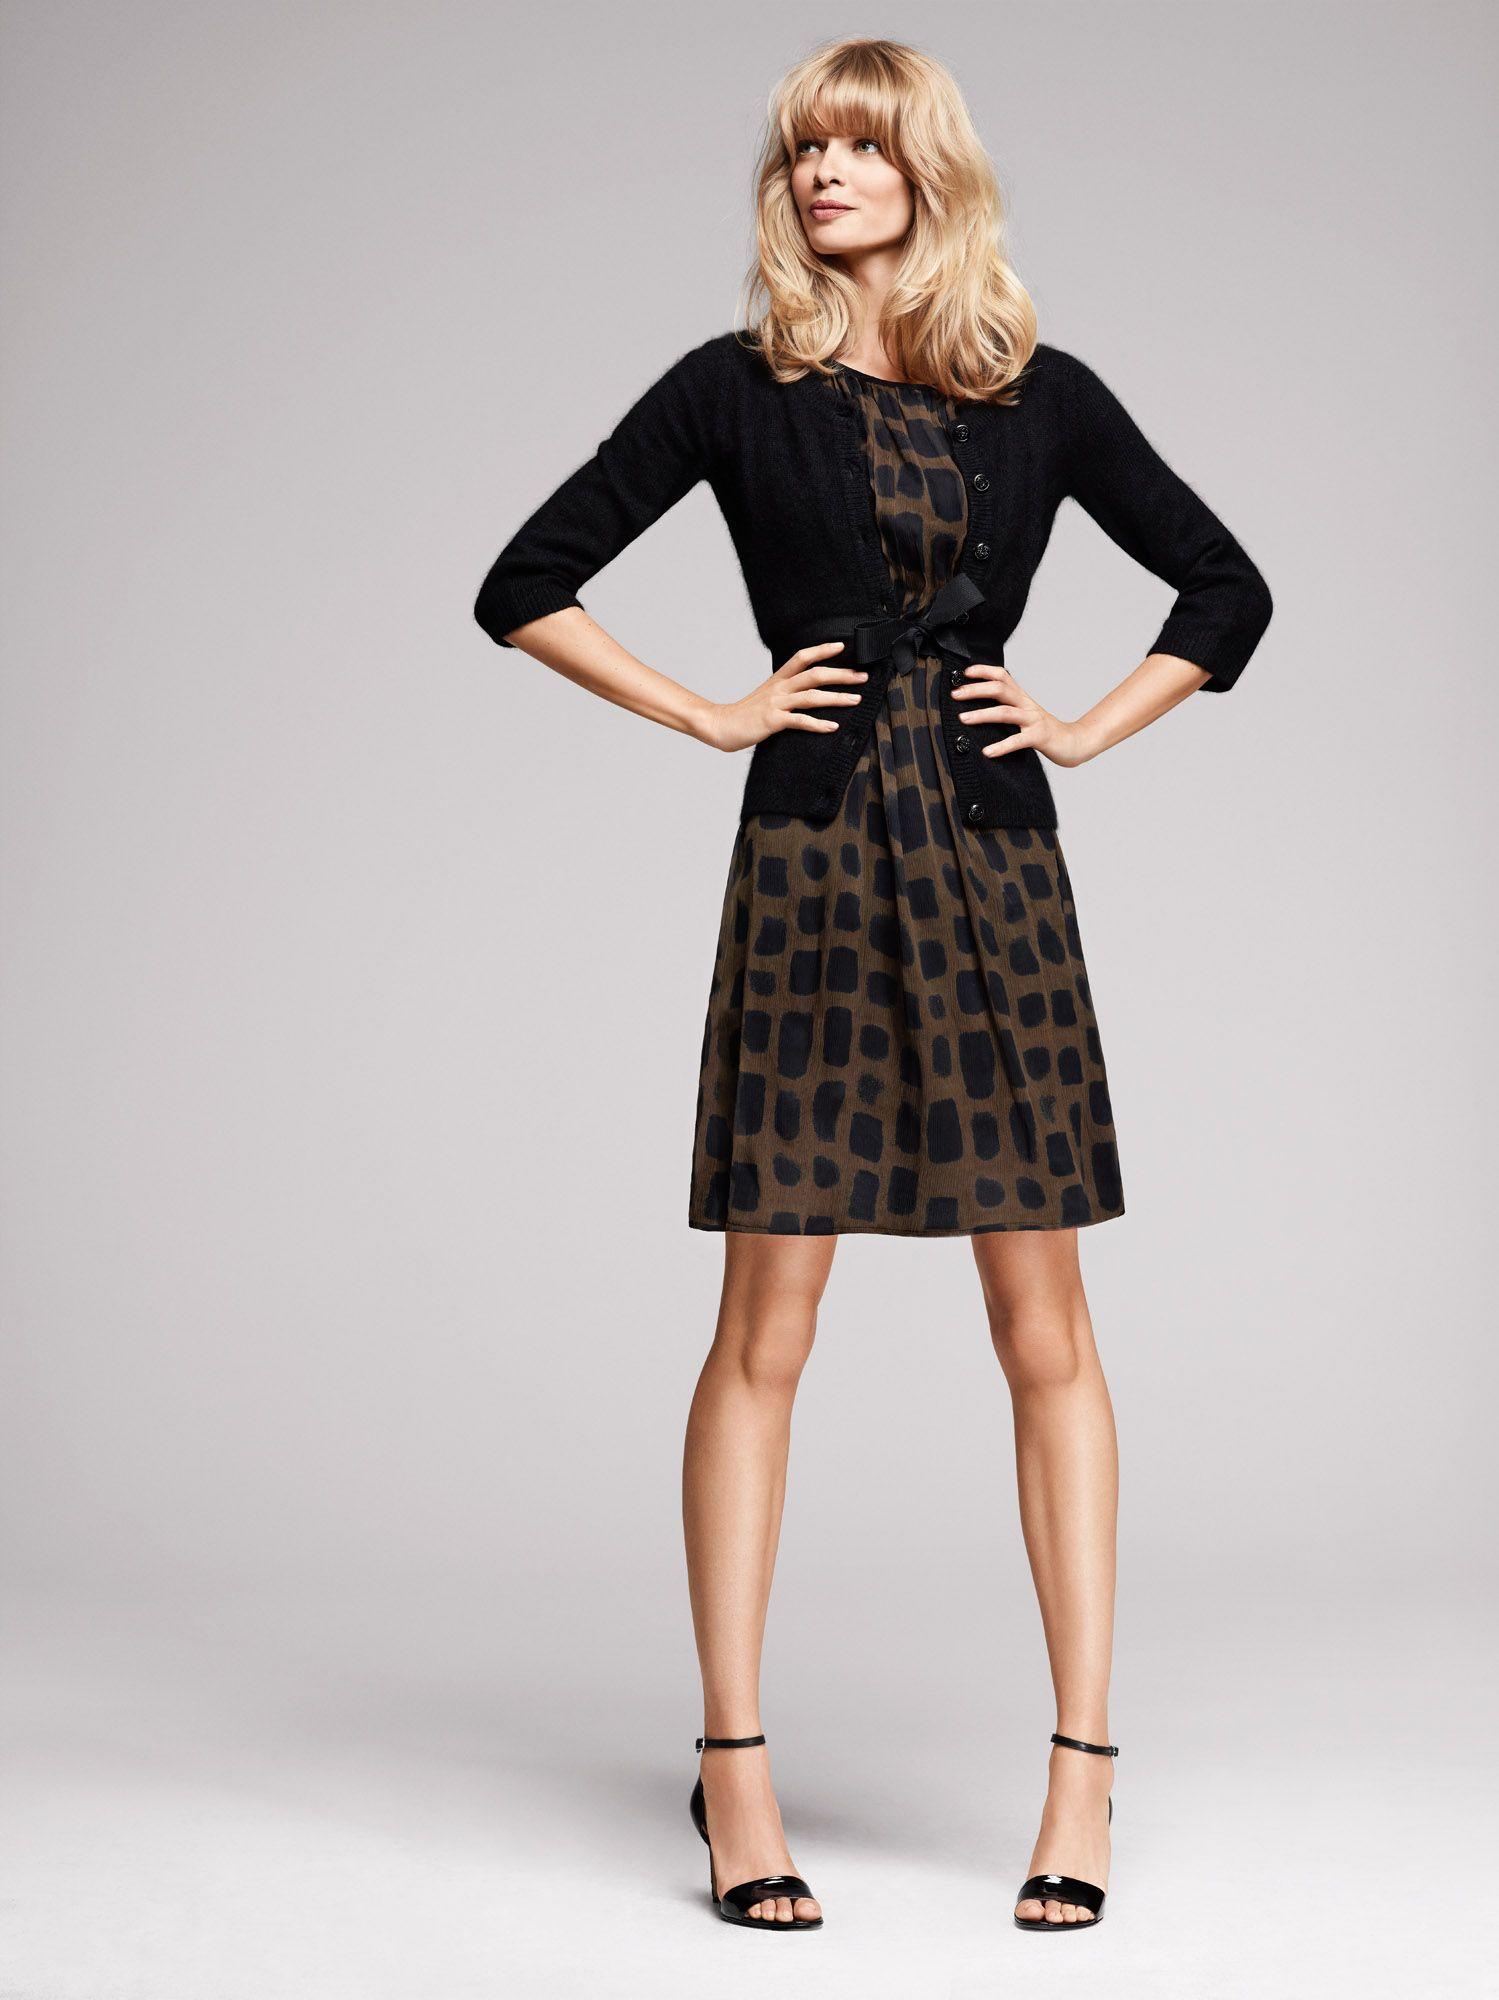 25970e621560 1.2.3 Paris - Robe Fizz   Gilet Clara   Chaussures Safir  imprime  animal   noir  marron  sandales  123  automne  hiver  mode